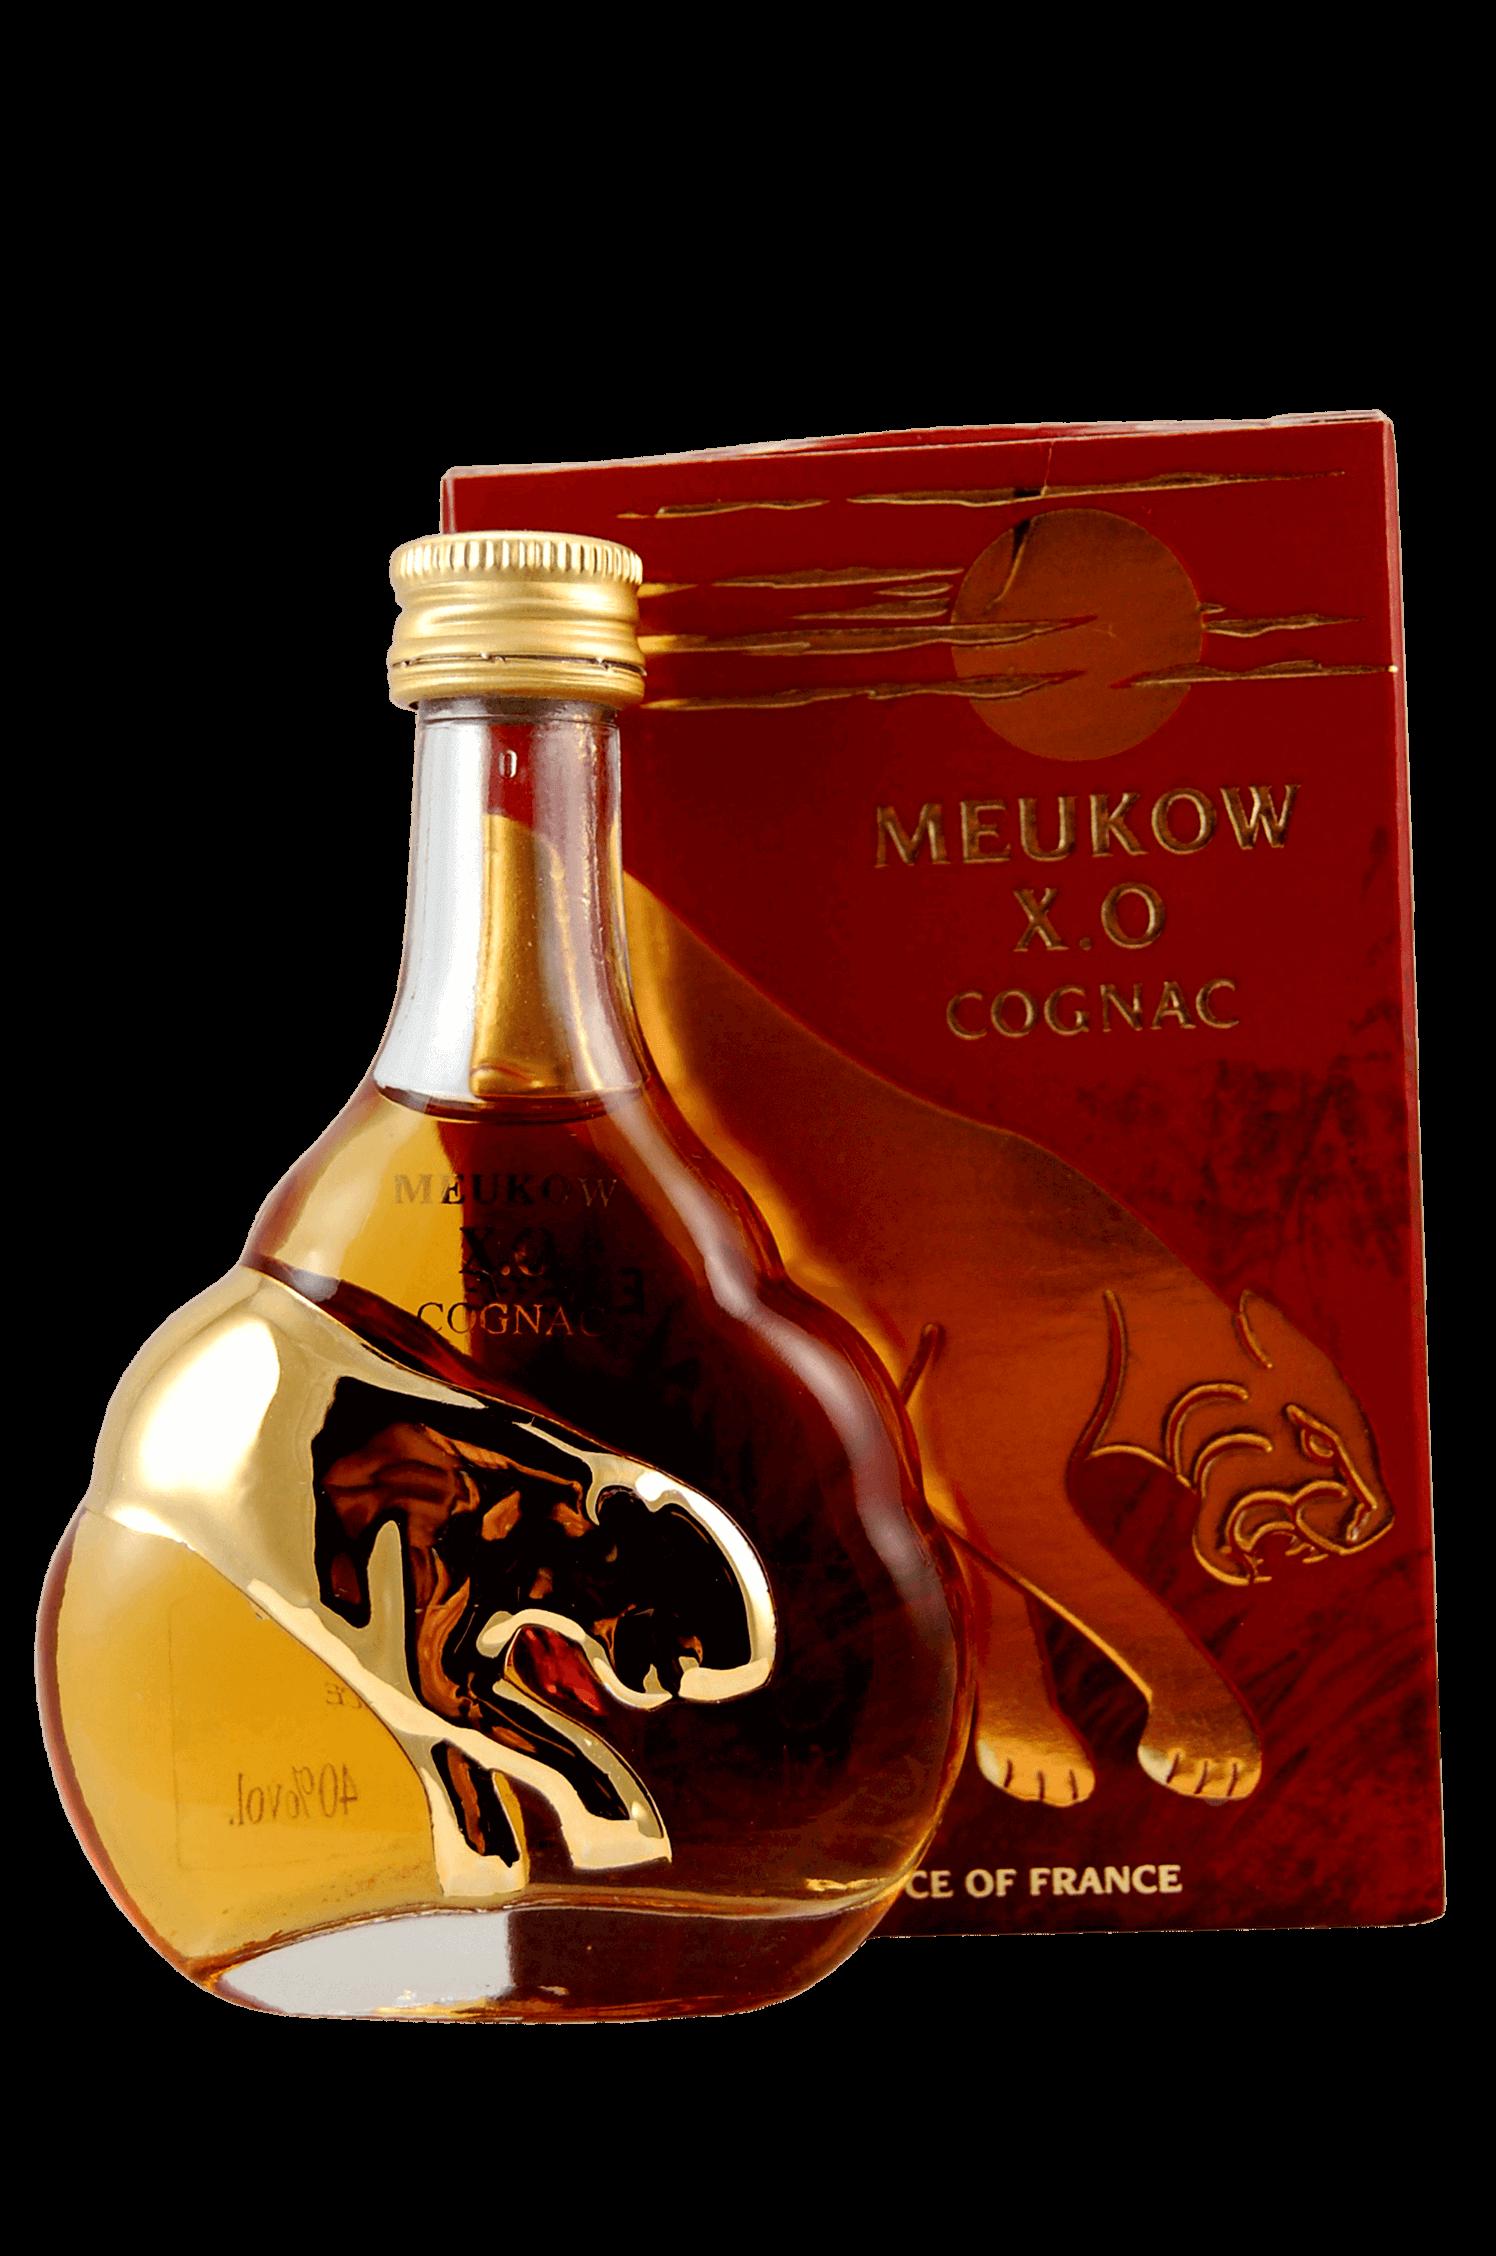 Meukow X.O. Cognac